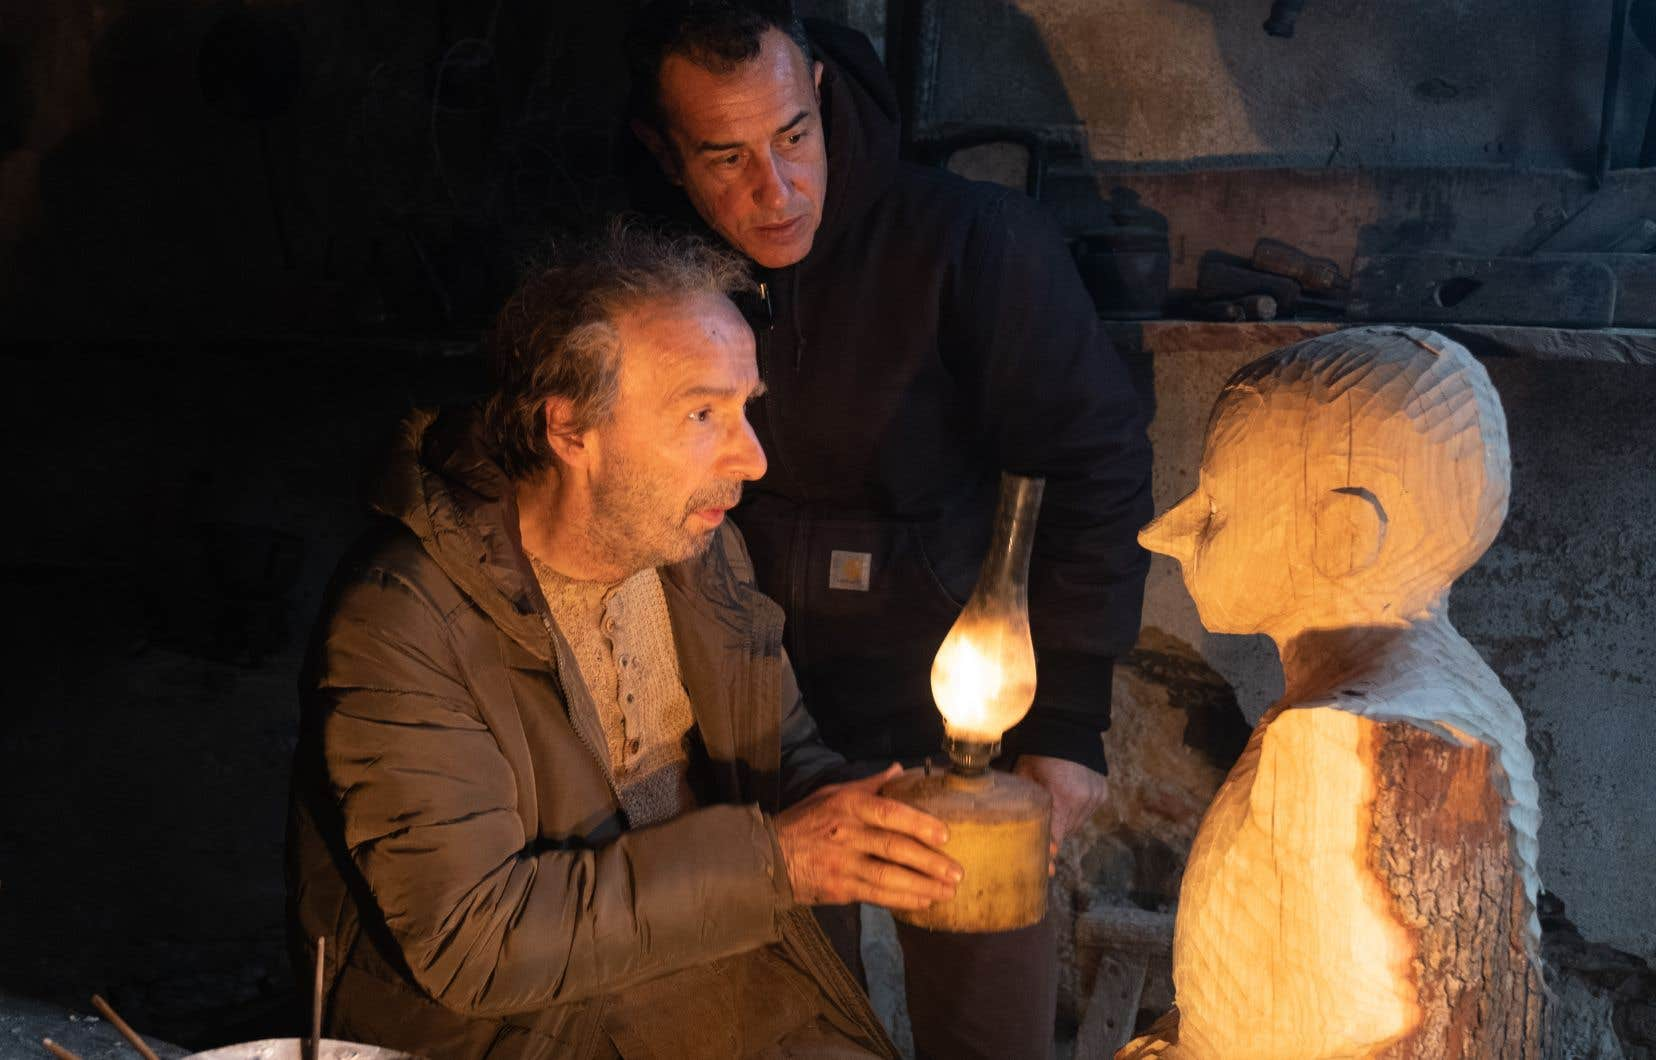 Matteo Garrone et Roberto Benigni sur le plateau de tournage de «Pinocchio»